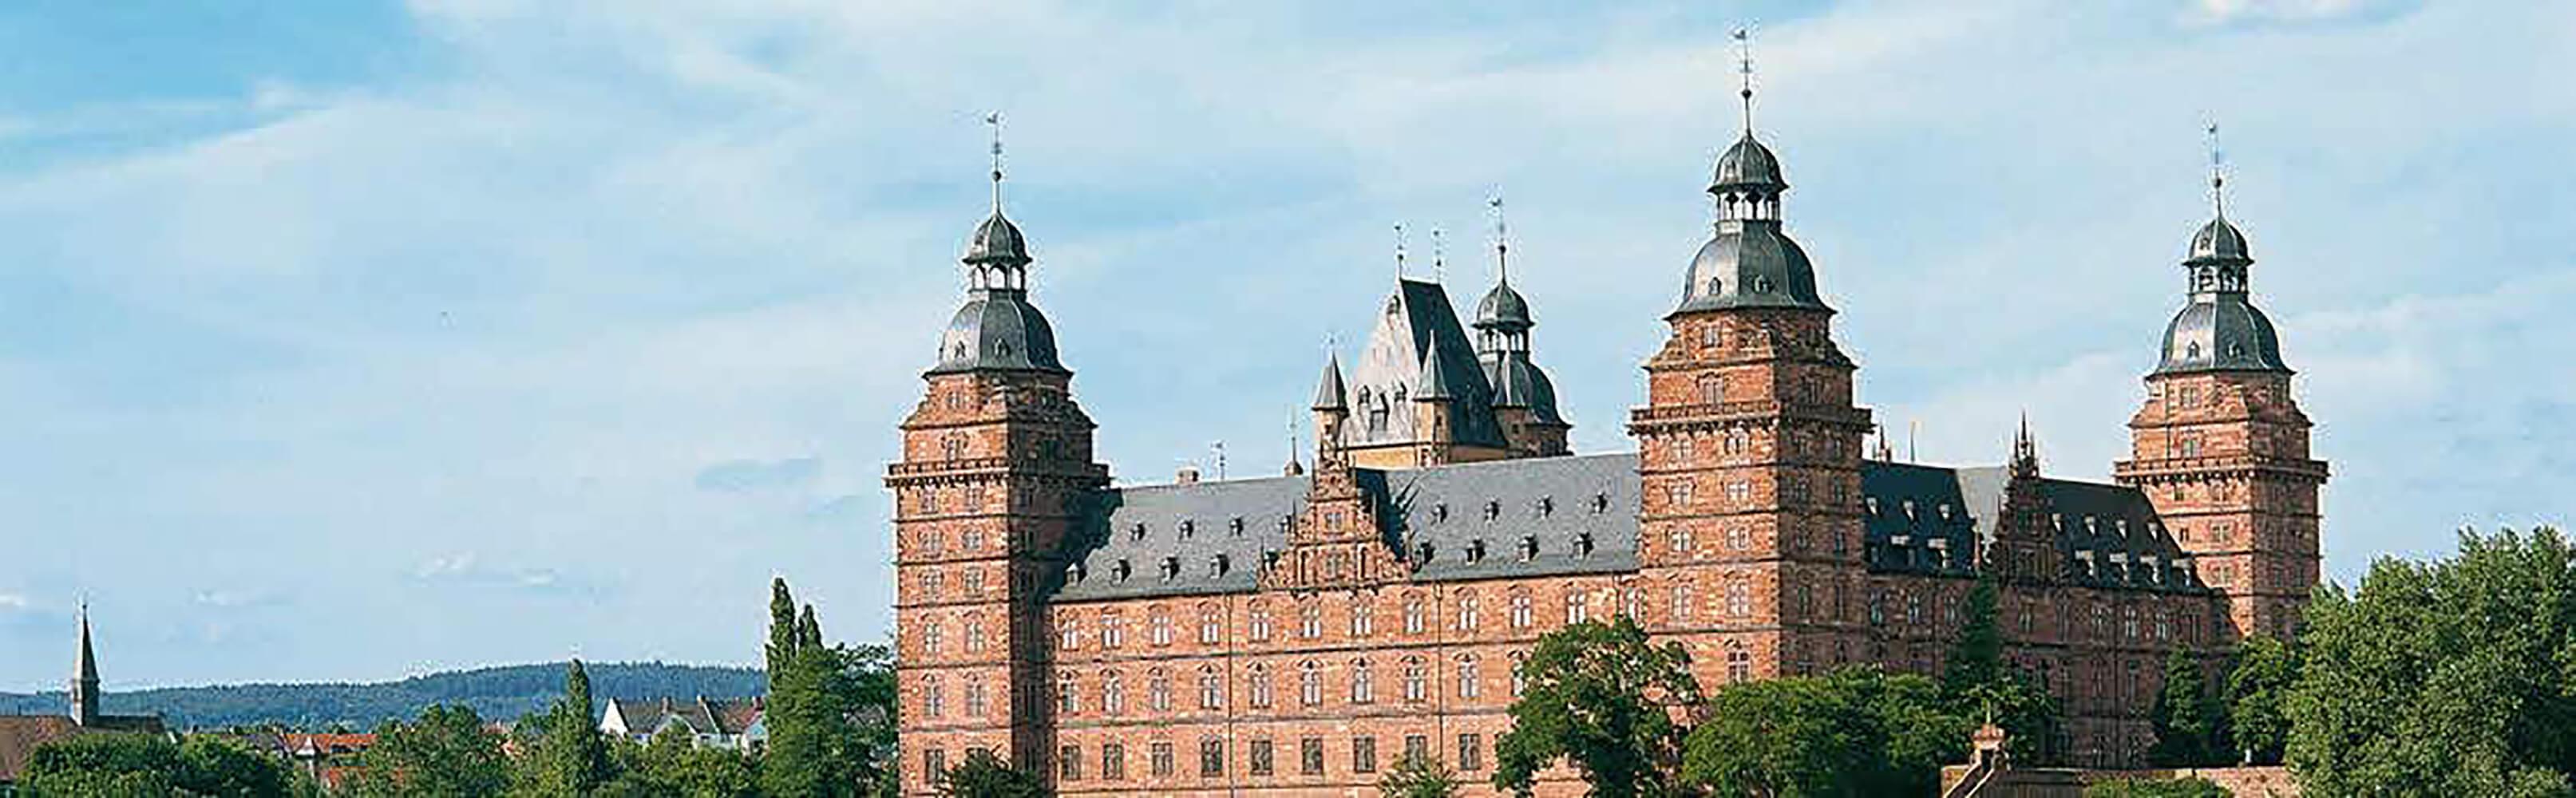 Renaissanceschloss Johannisburg in Aschaffenburg 1